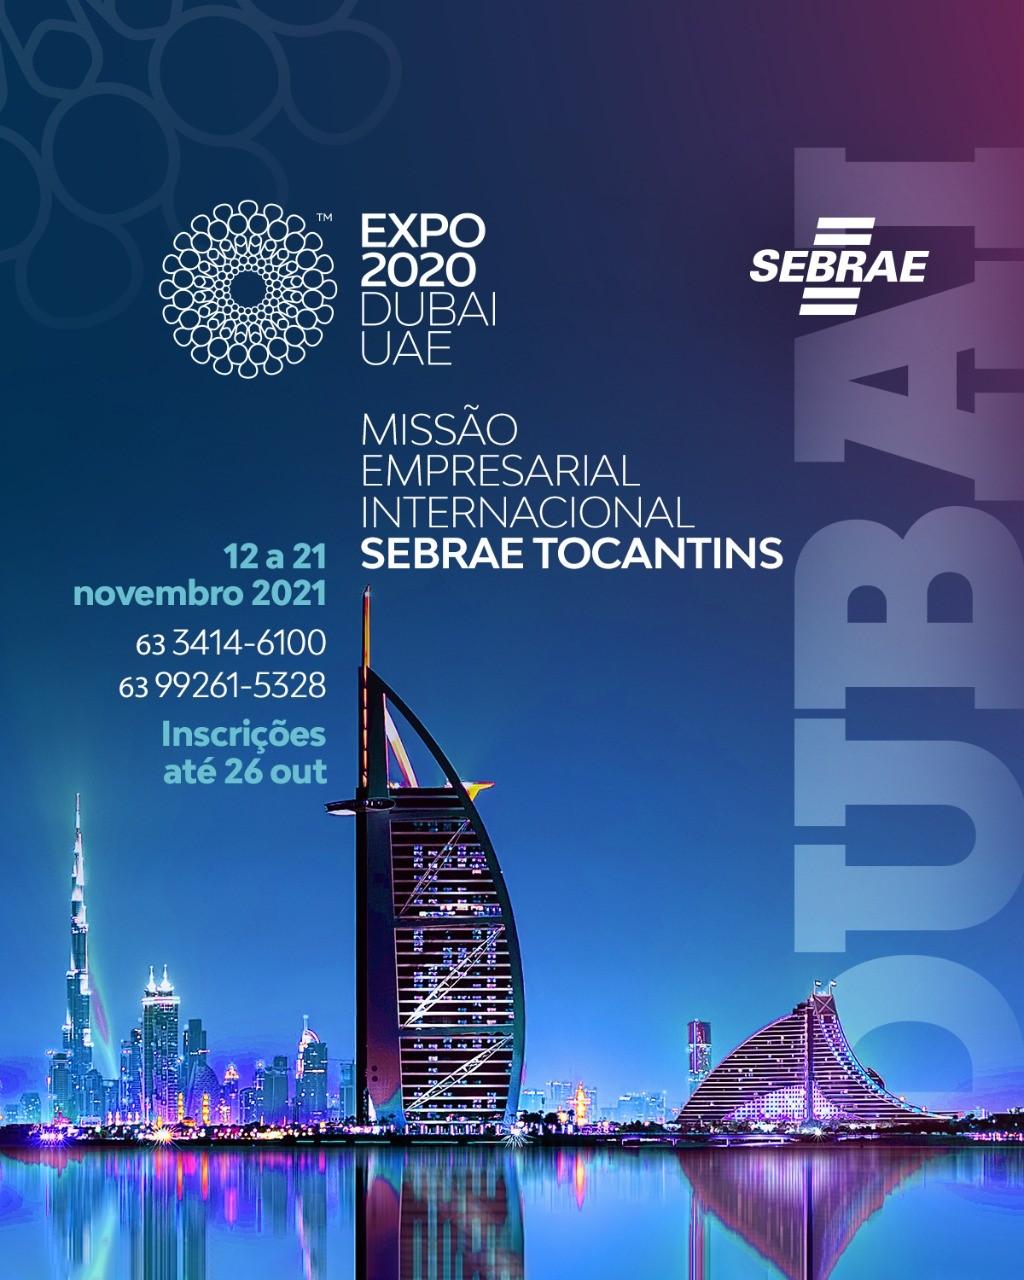 Abertas as inscrições para Missão Empresarial World Expo Dubai 2020